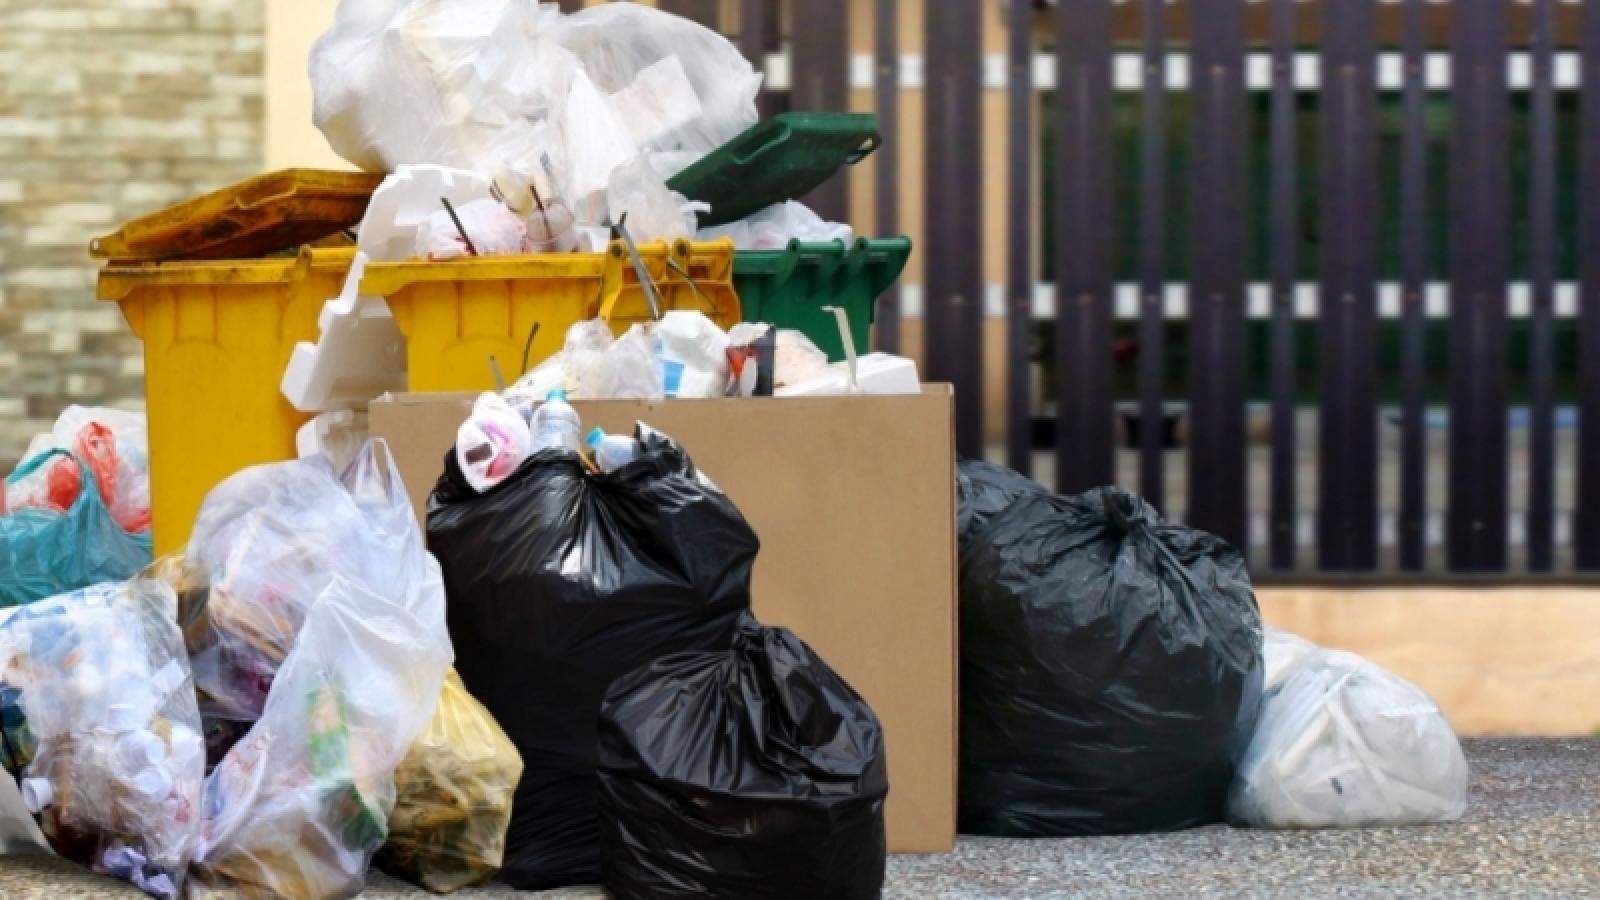 Районы Вологодской области не готовы к мусорной реформе